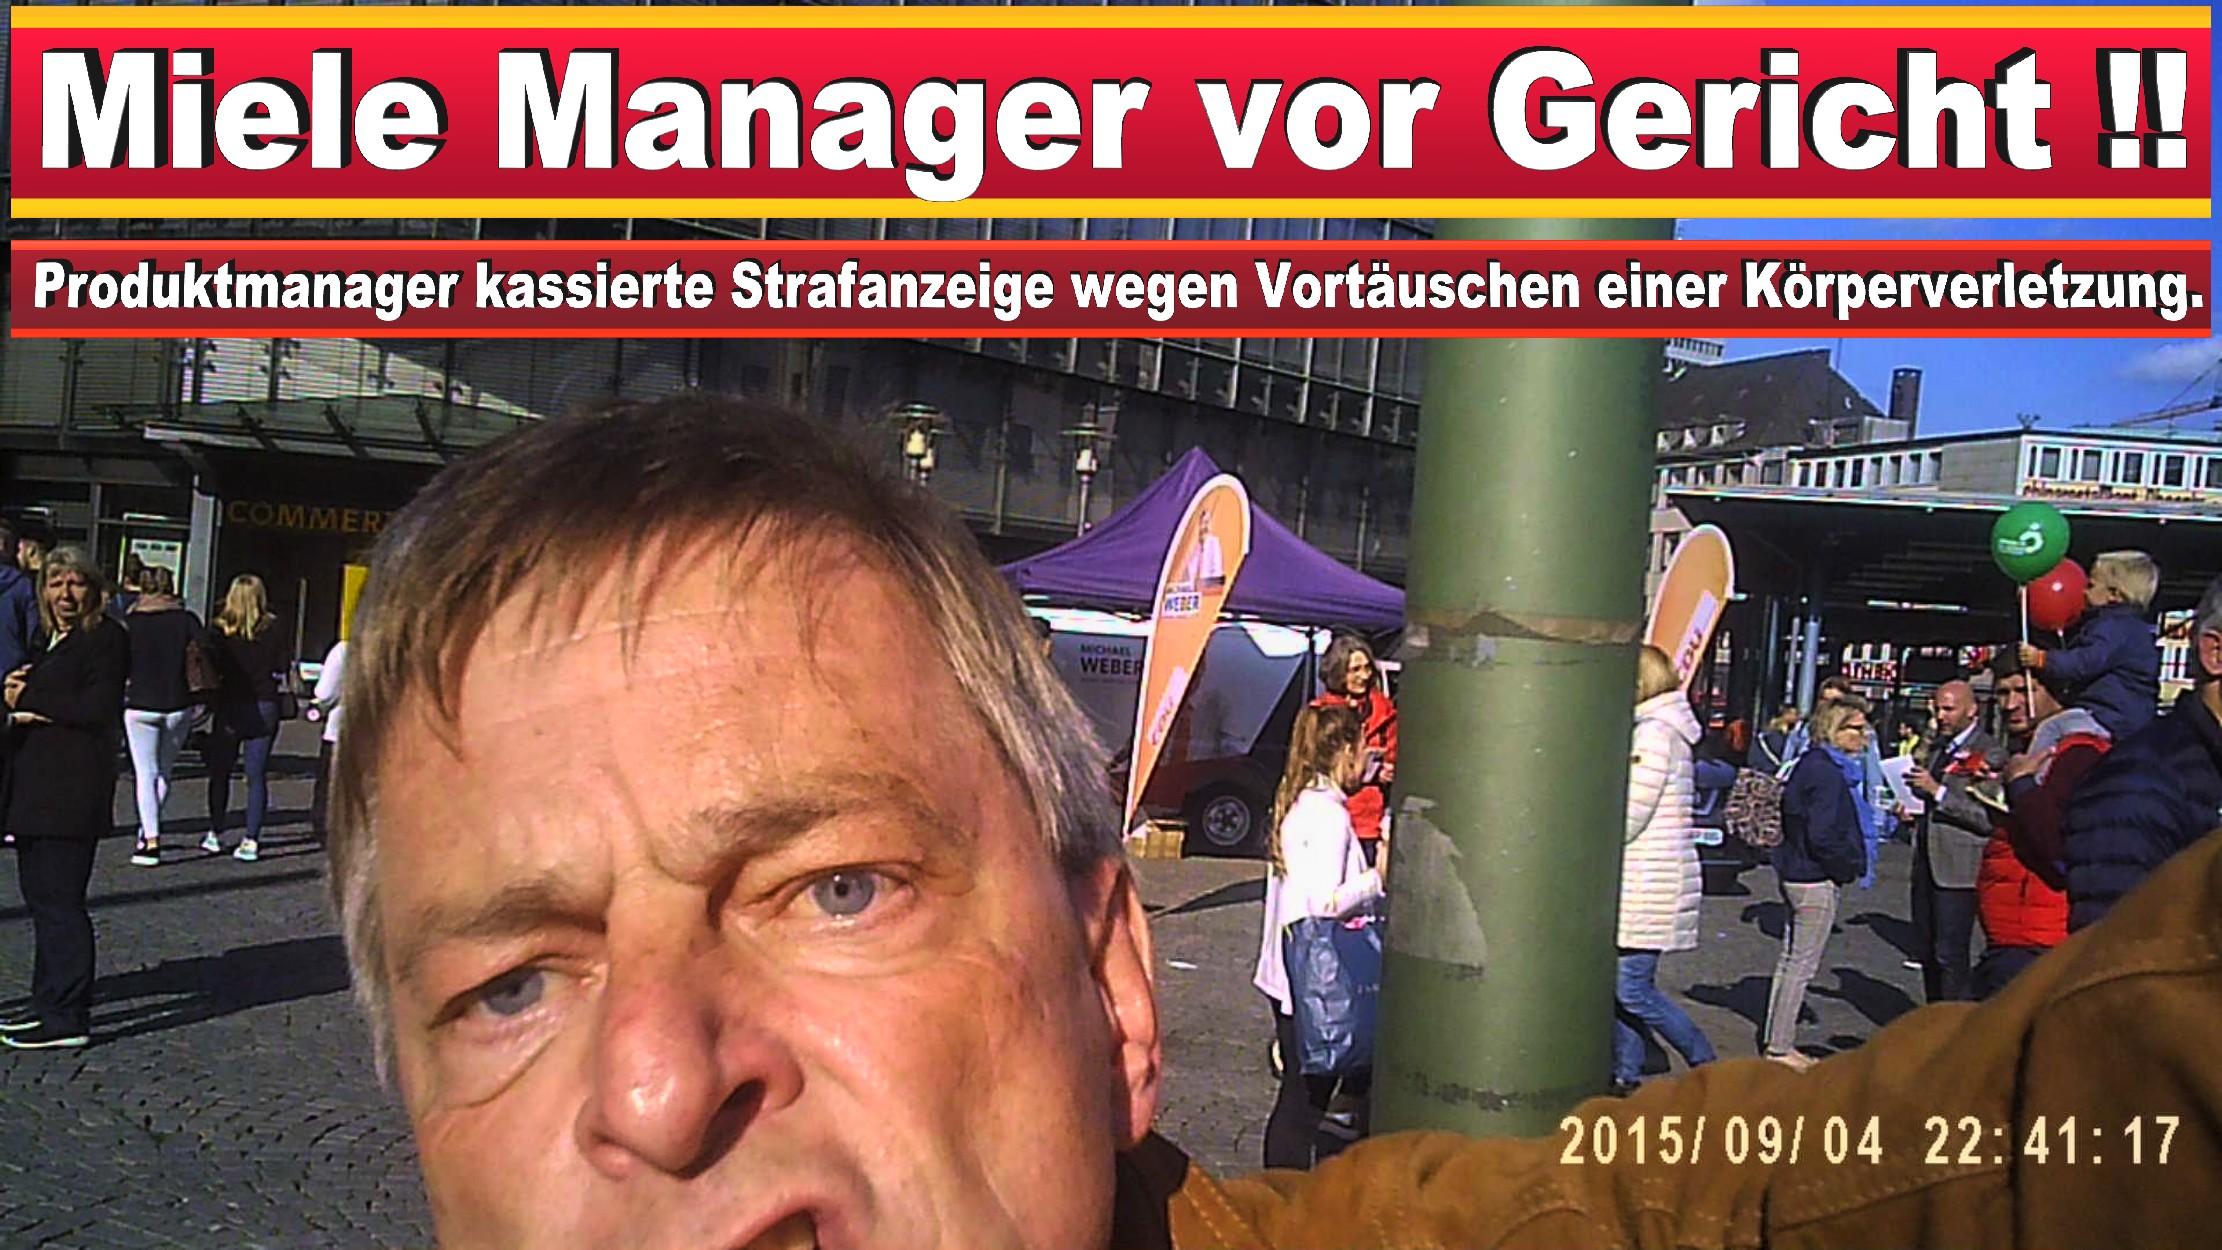 MICHAEL WEBER CDU BIELEFELD GEWALTAUSBRUCH UND STRAFANZEIGE (2)